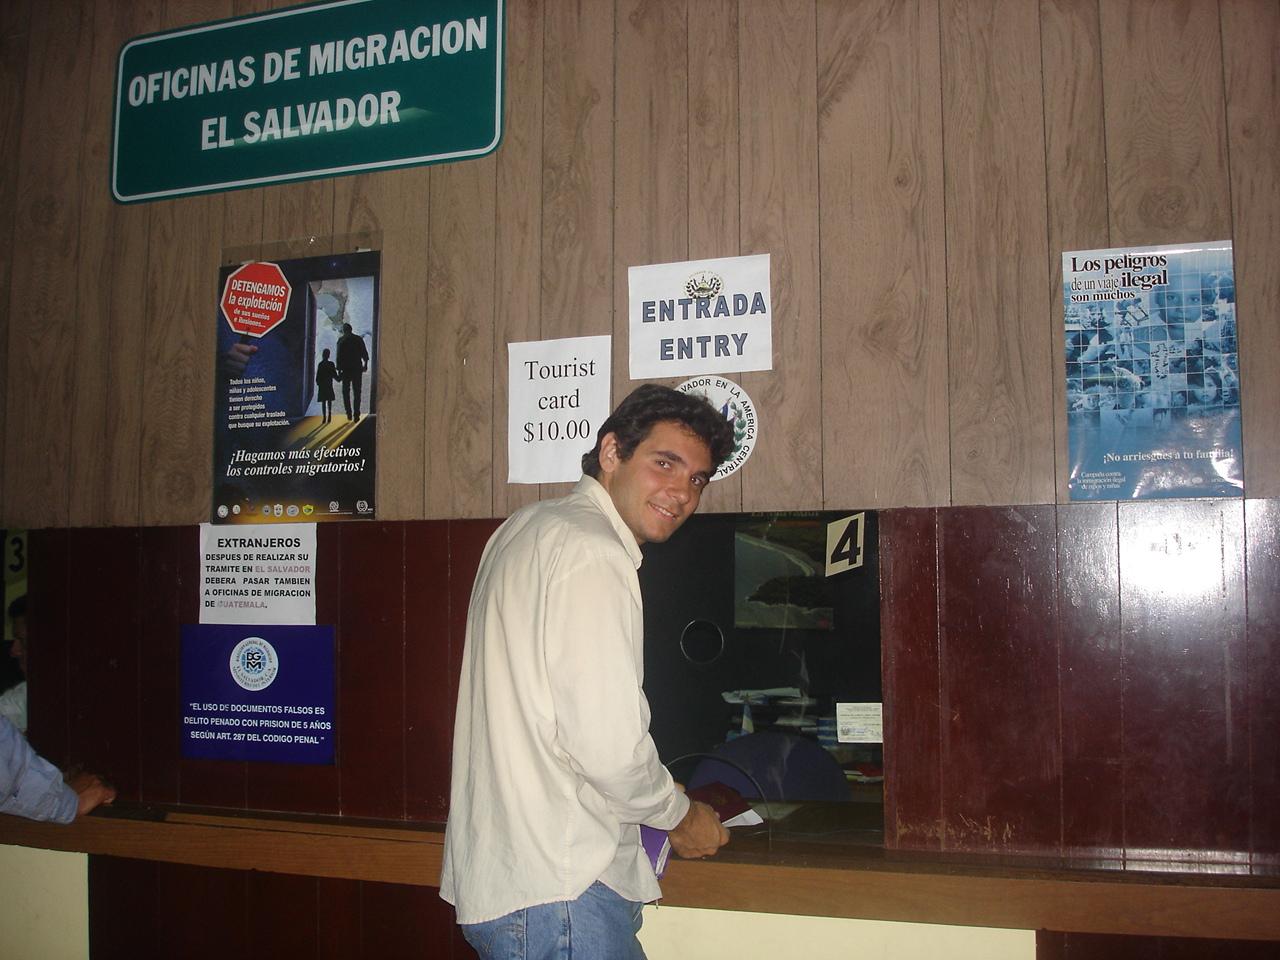 Obtention du visa à la frontière du El Salvador